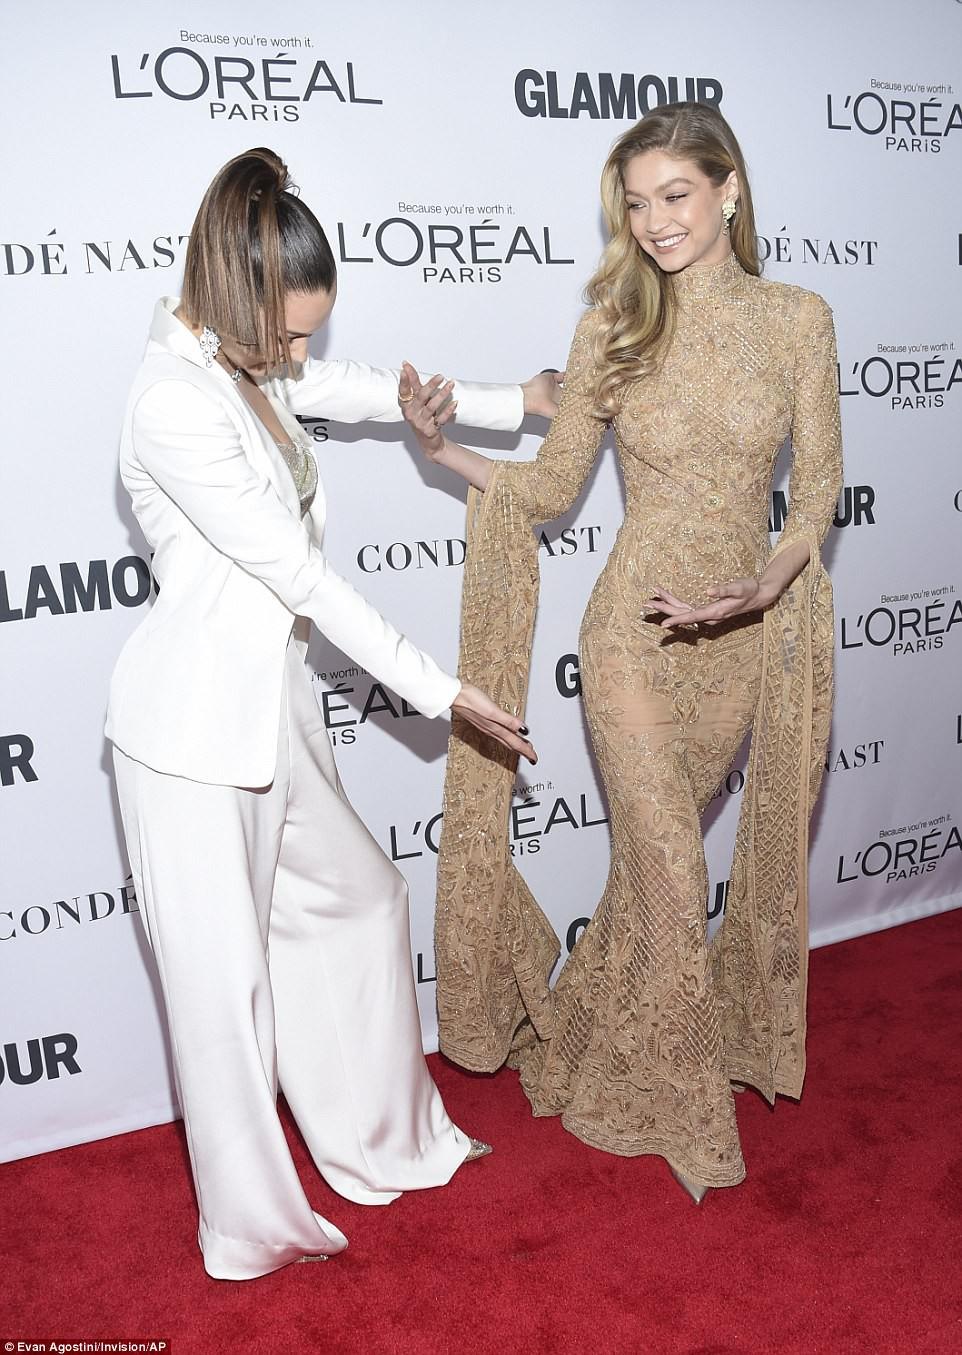 Vì diện bộ đầm dài siêu lộng lẫy, Gigi Hadid phải trả giá bằng màn suýt ngã sấp mặt trên phố - Ảnh 6.